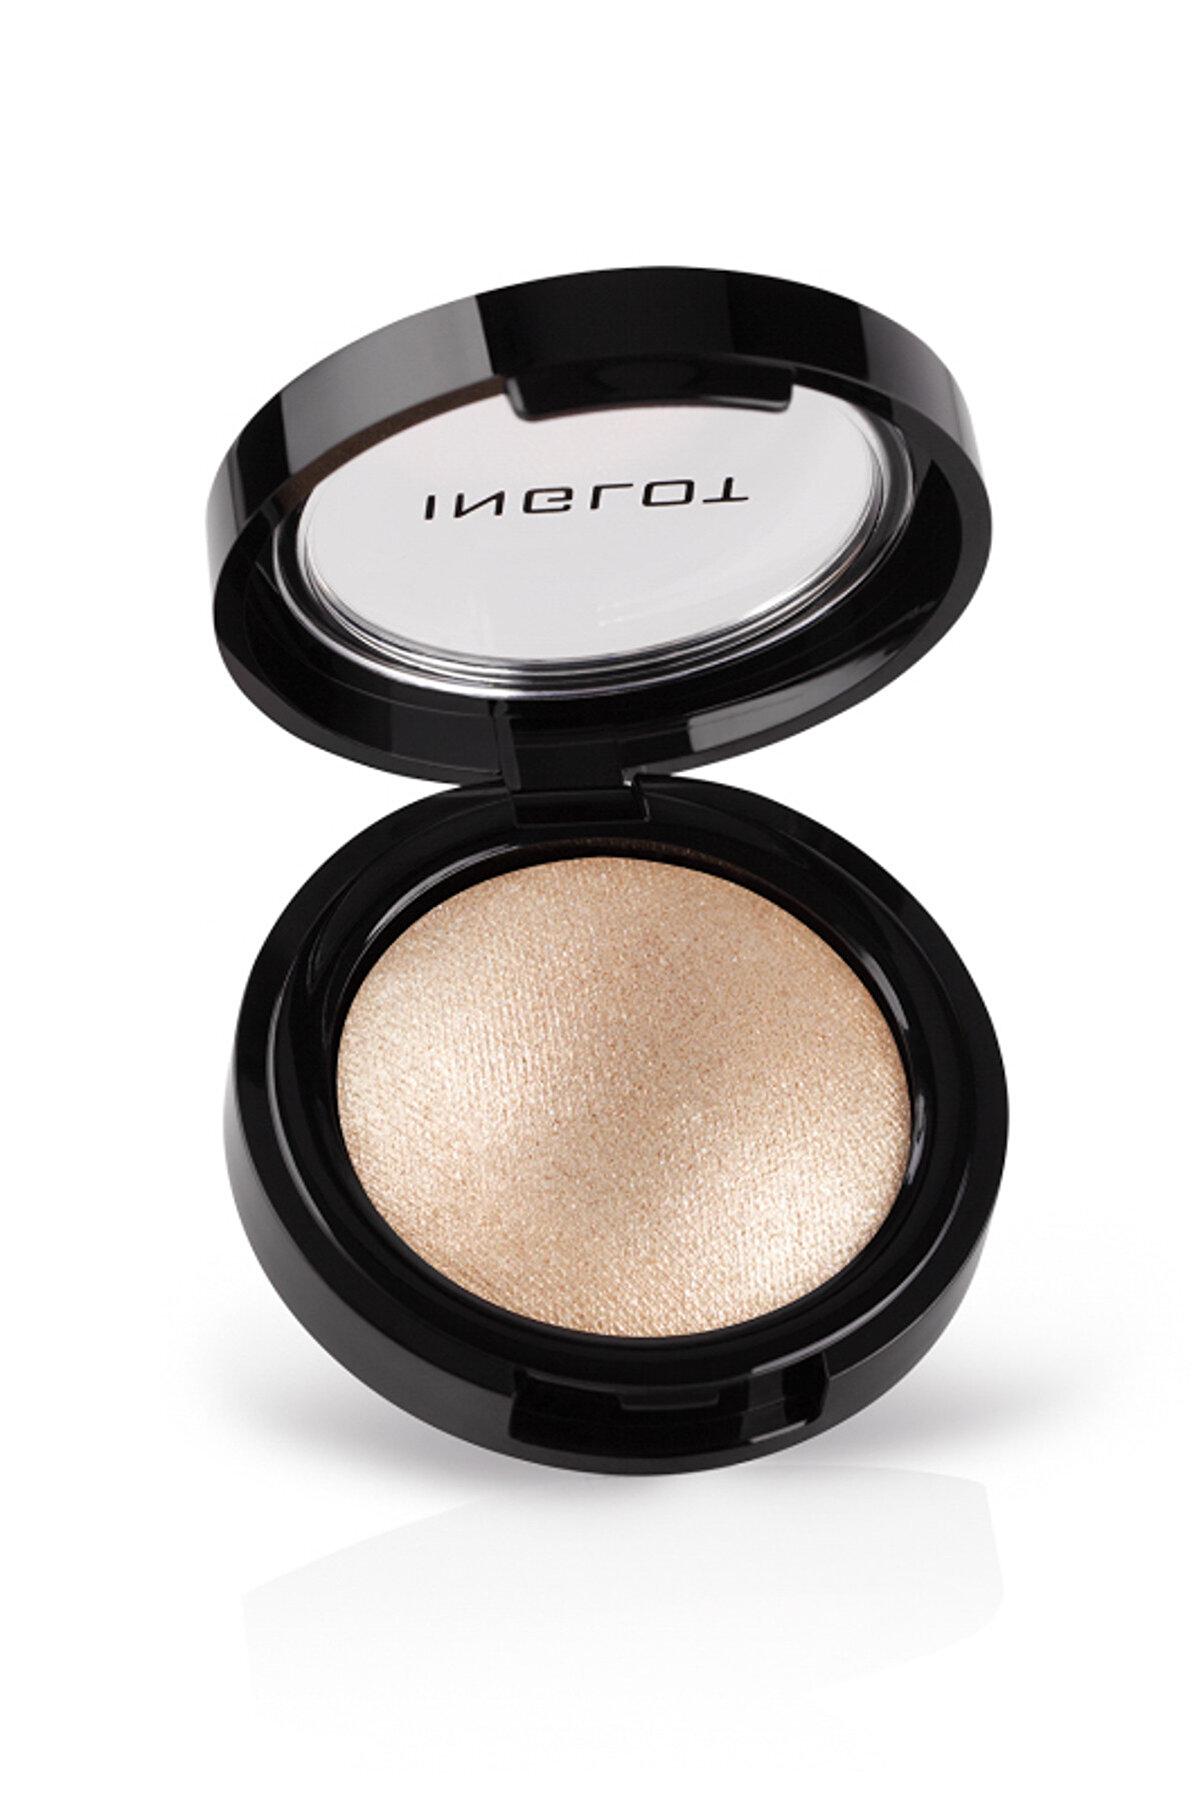 Inglot Yoğun Aydınlatıcı - Intense Sparkler Face Eyes Body Highlighter 13 3.4 g 5901905810136